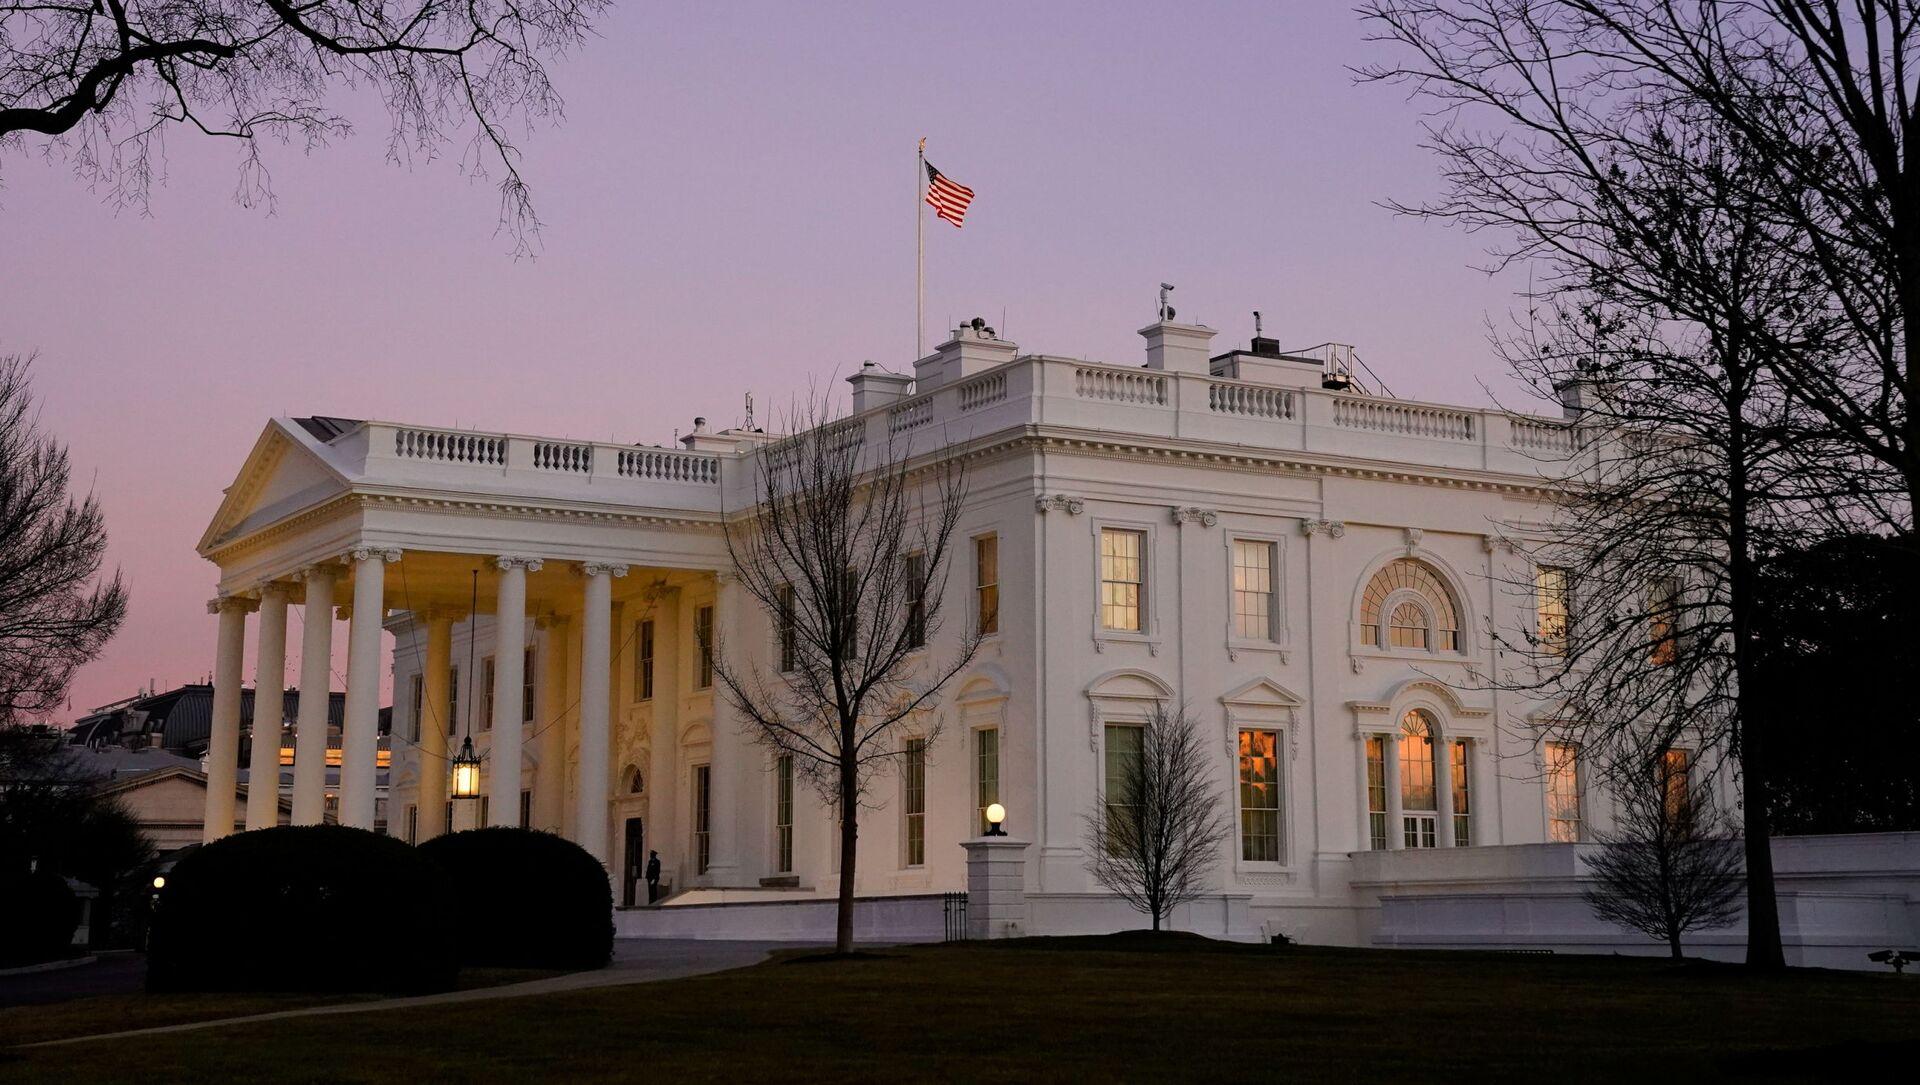 Výhled na Bílý dům ve Washingtonu - Sputnik Česká republika, 1920, 28.01.2021